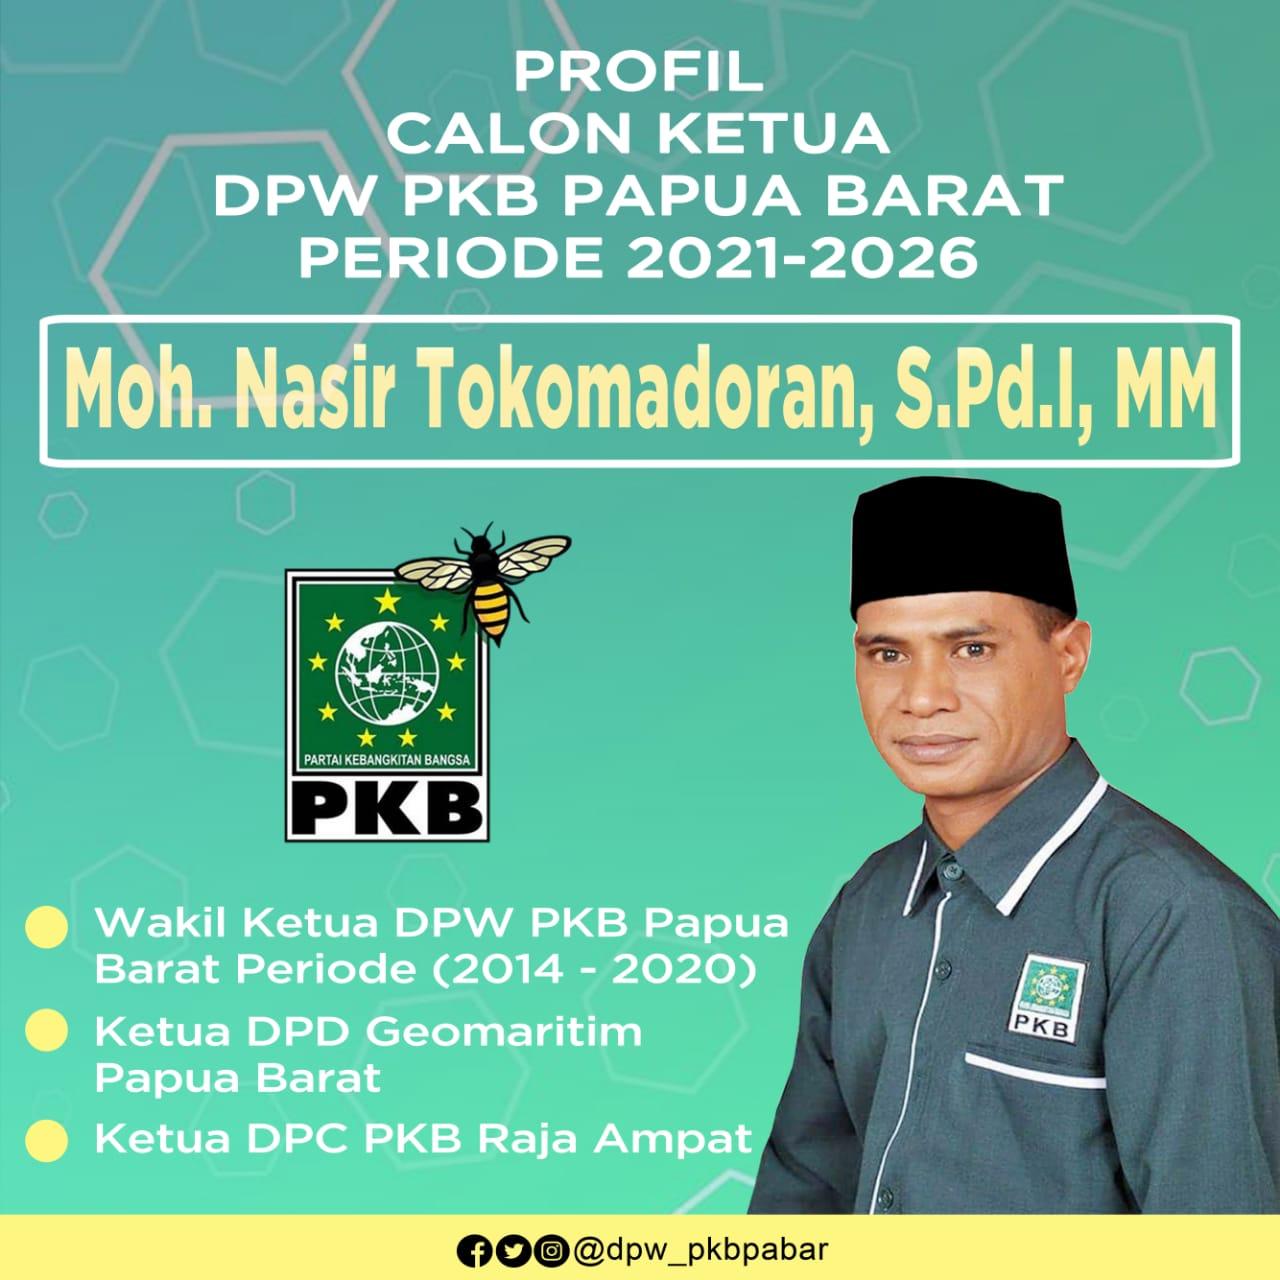 Muhammad Nasir Tokomadoran, Bakal Calon ketua PKB Papua Barat, periode 2021-2026